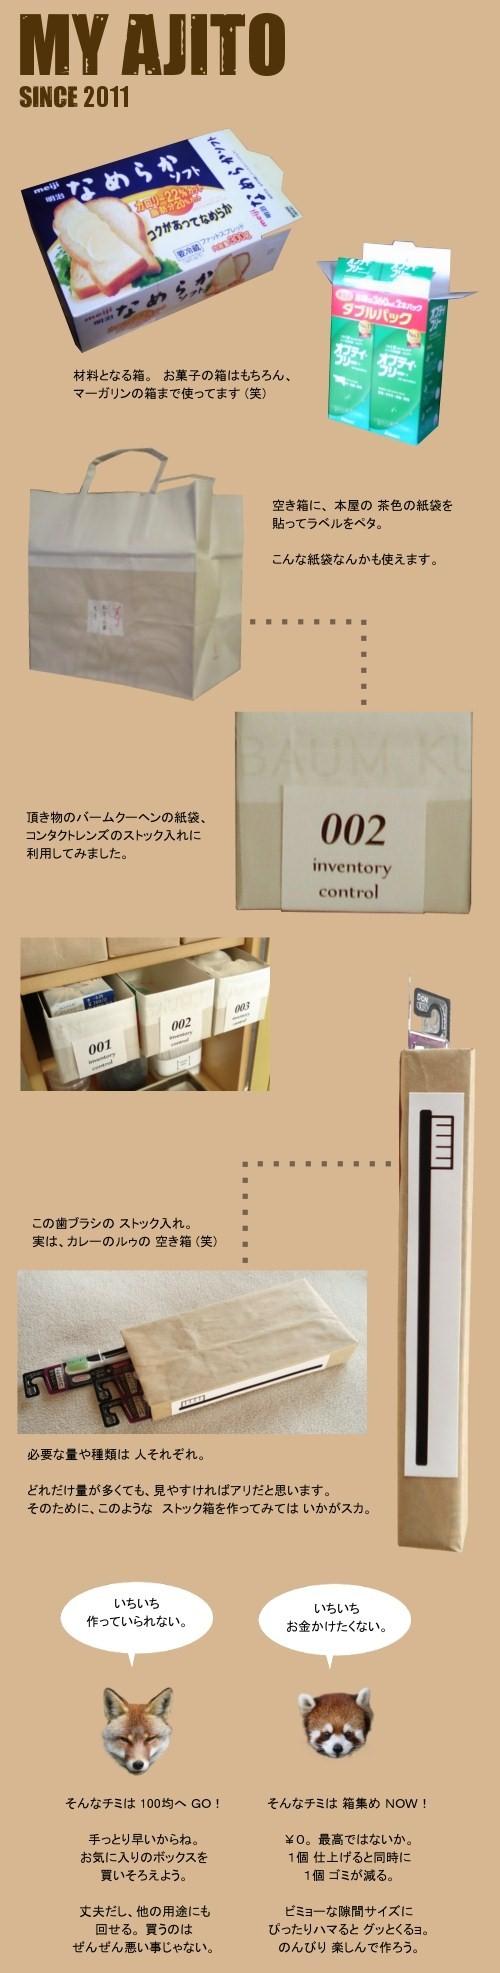 mira_04.jpg